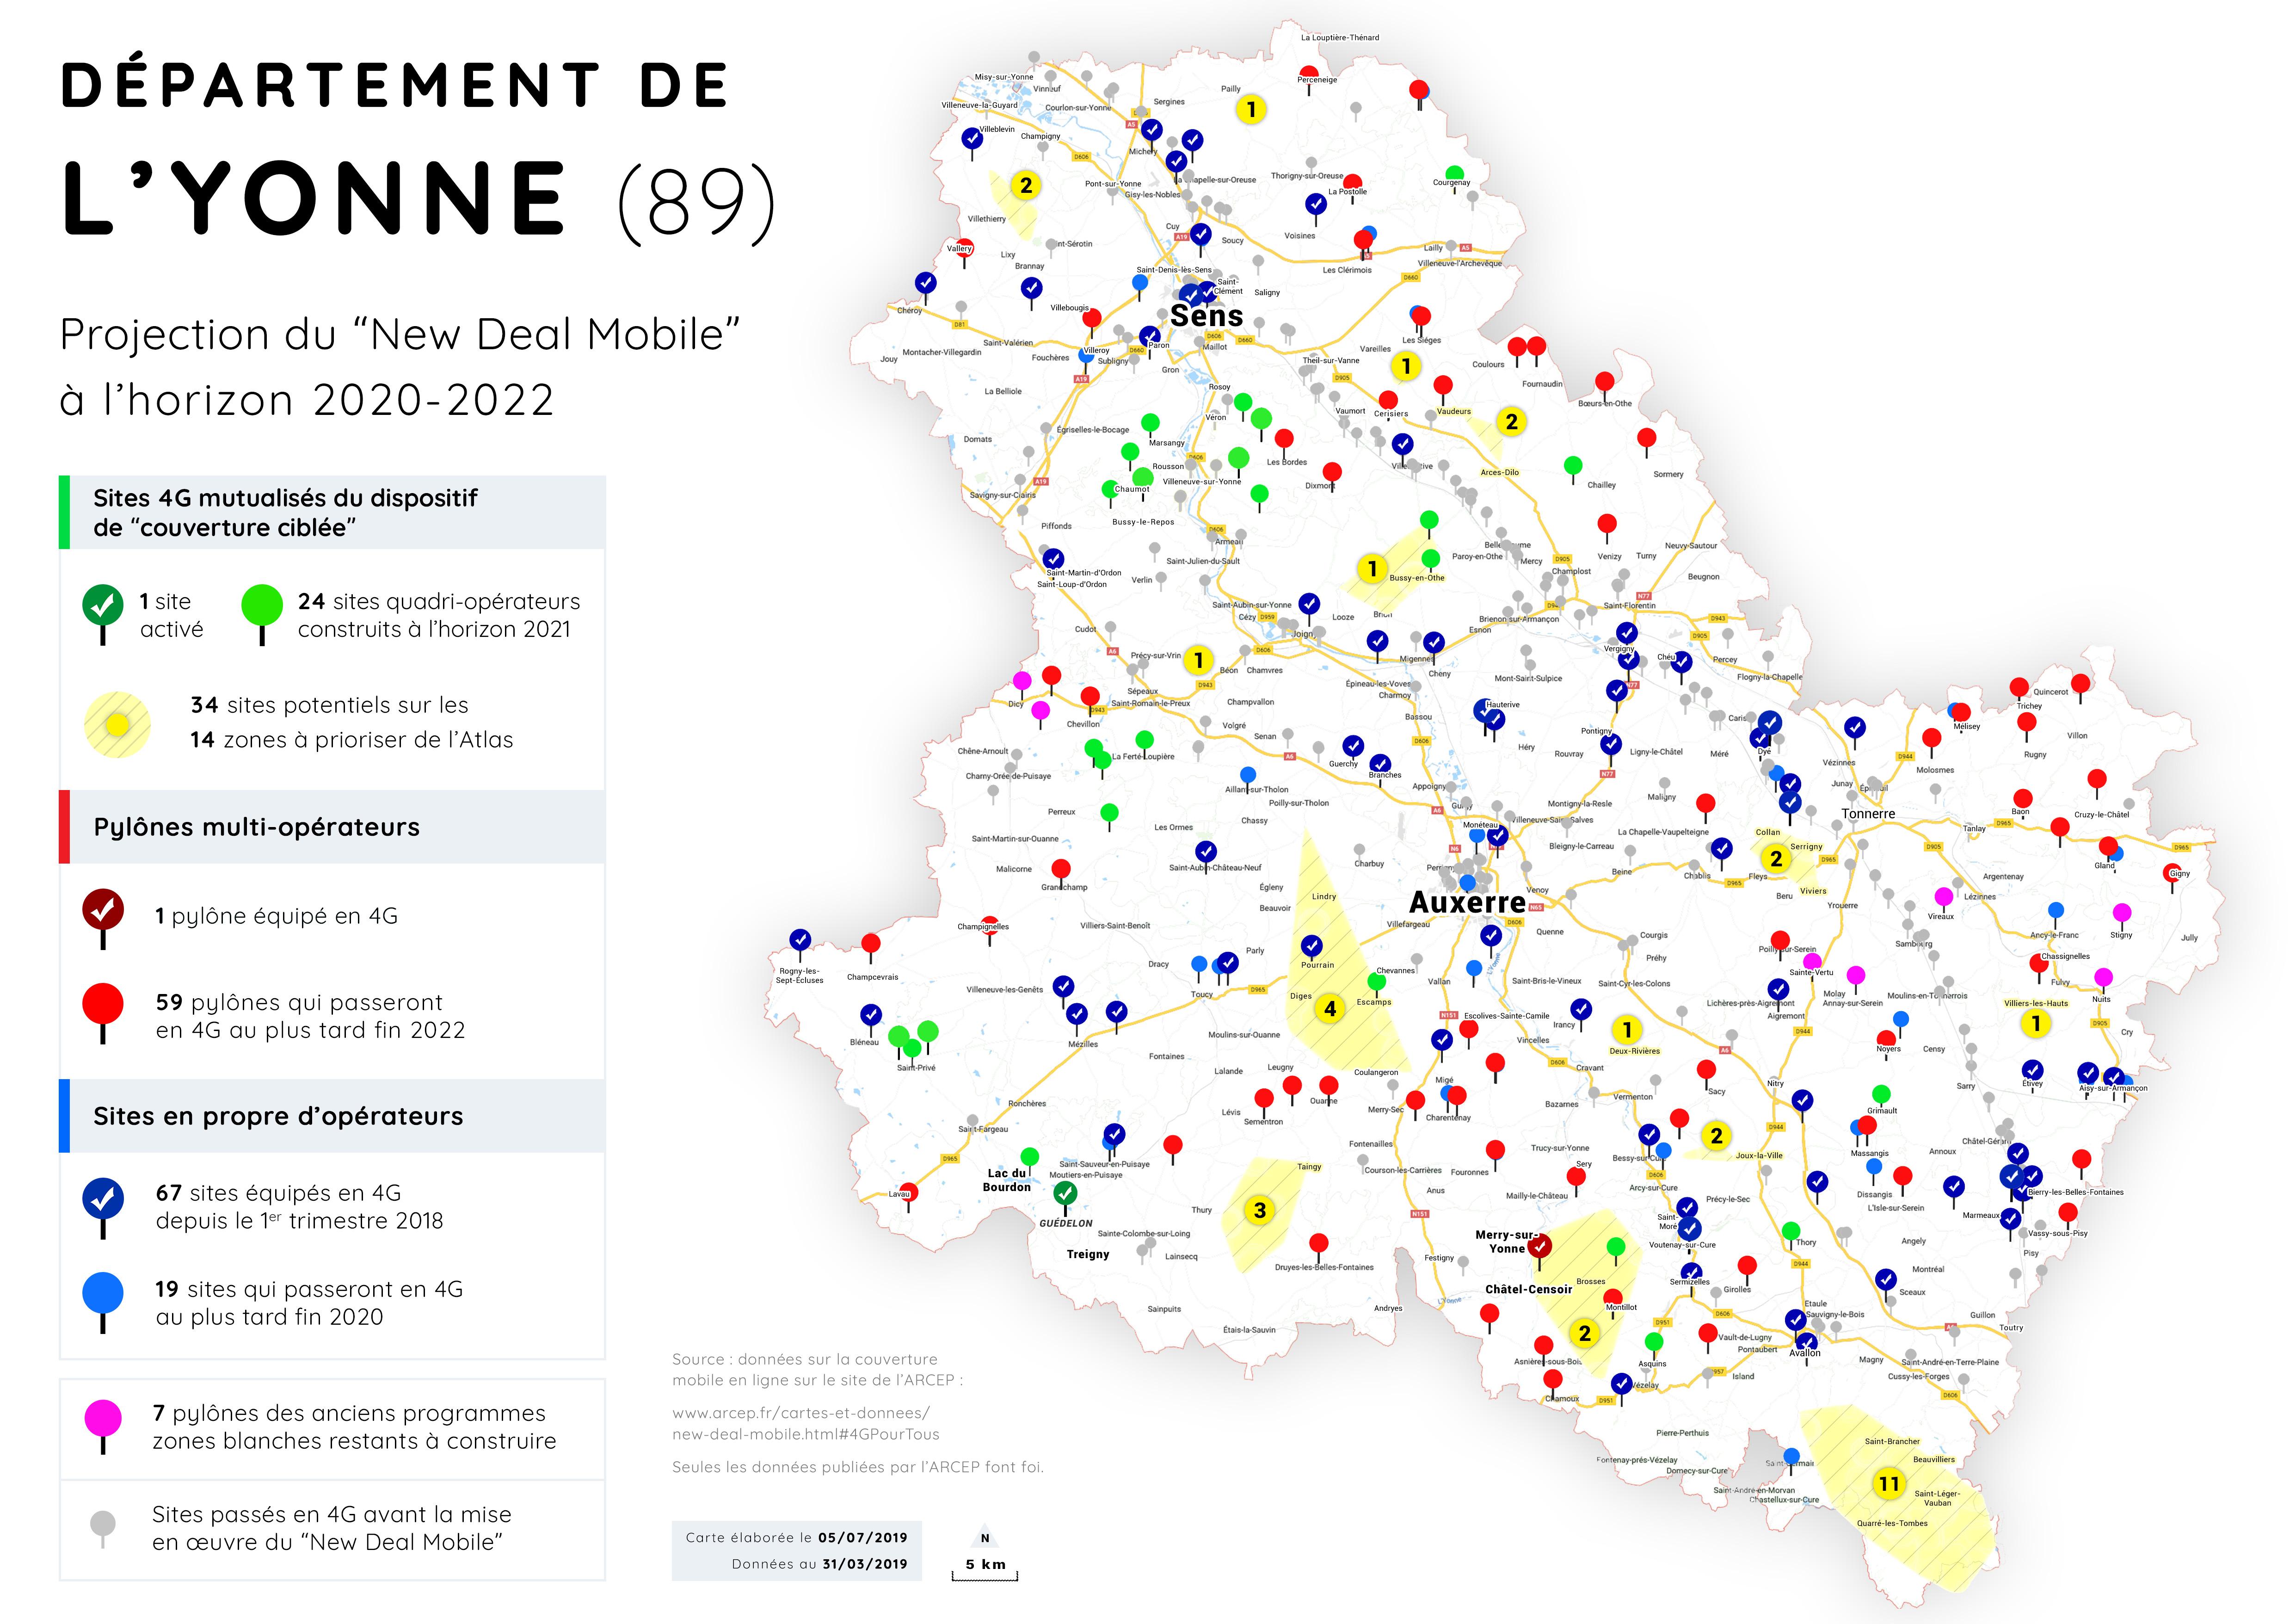 carte de l yonne 89 Carte Yonne (89)   New Deal Mobile   Fédération Française des Télécoms